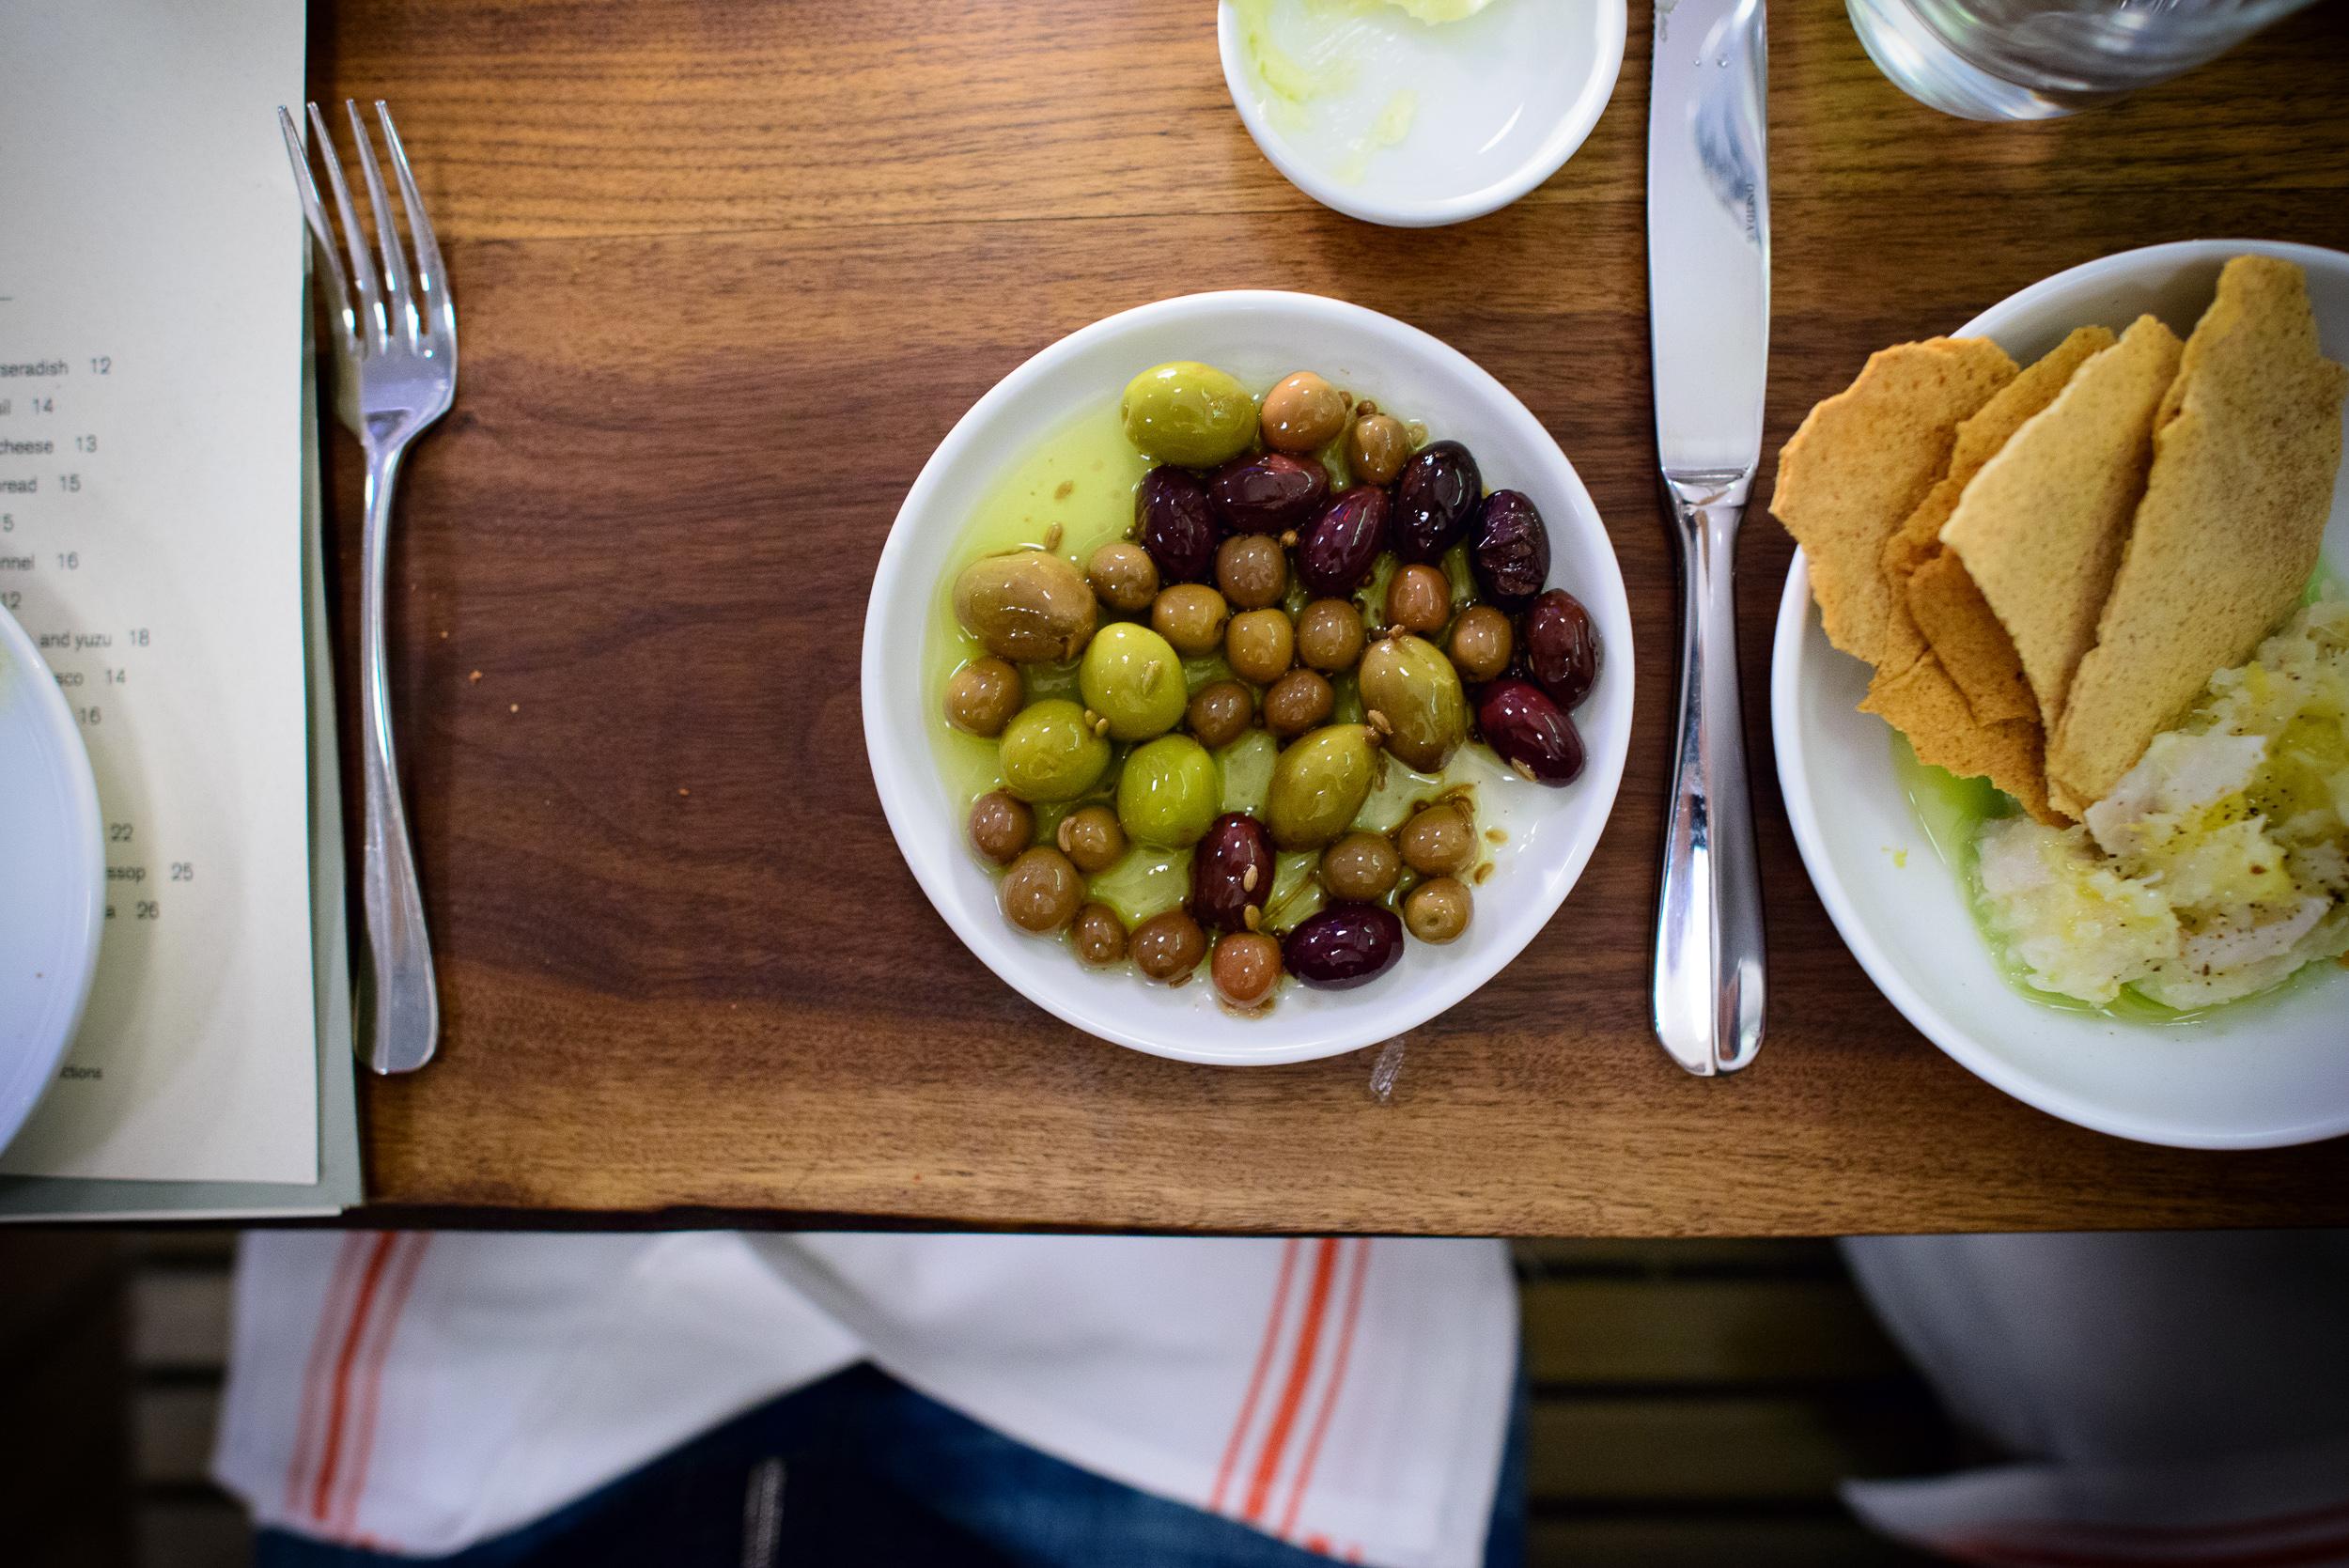 Olives ($6)